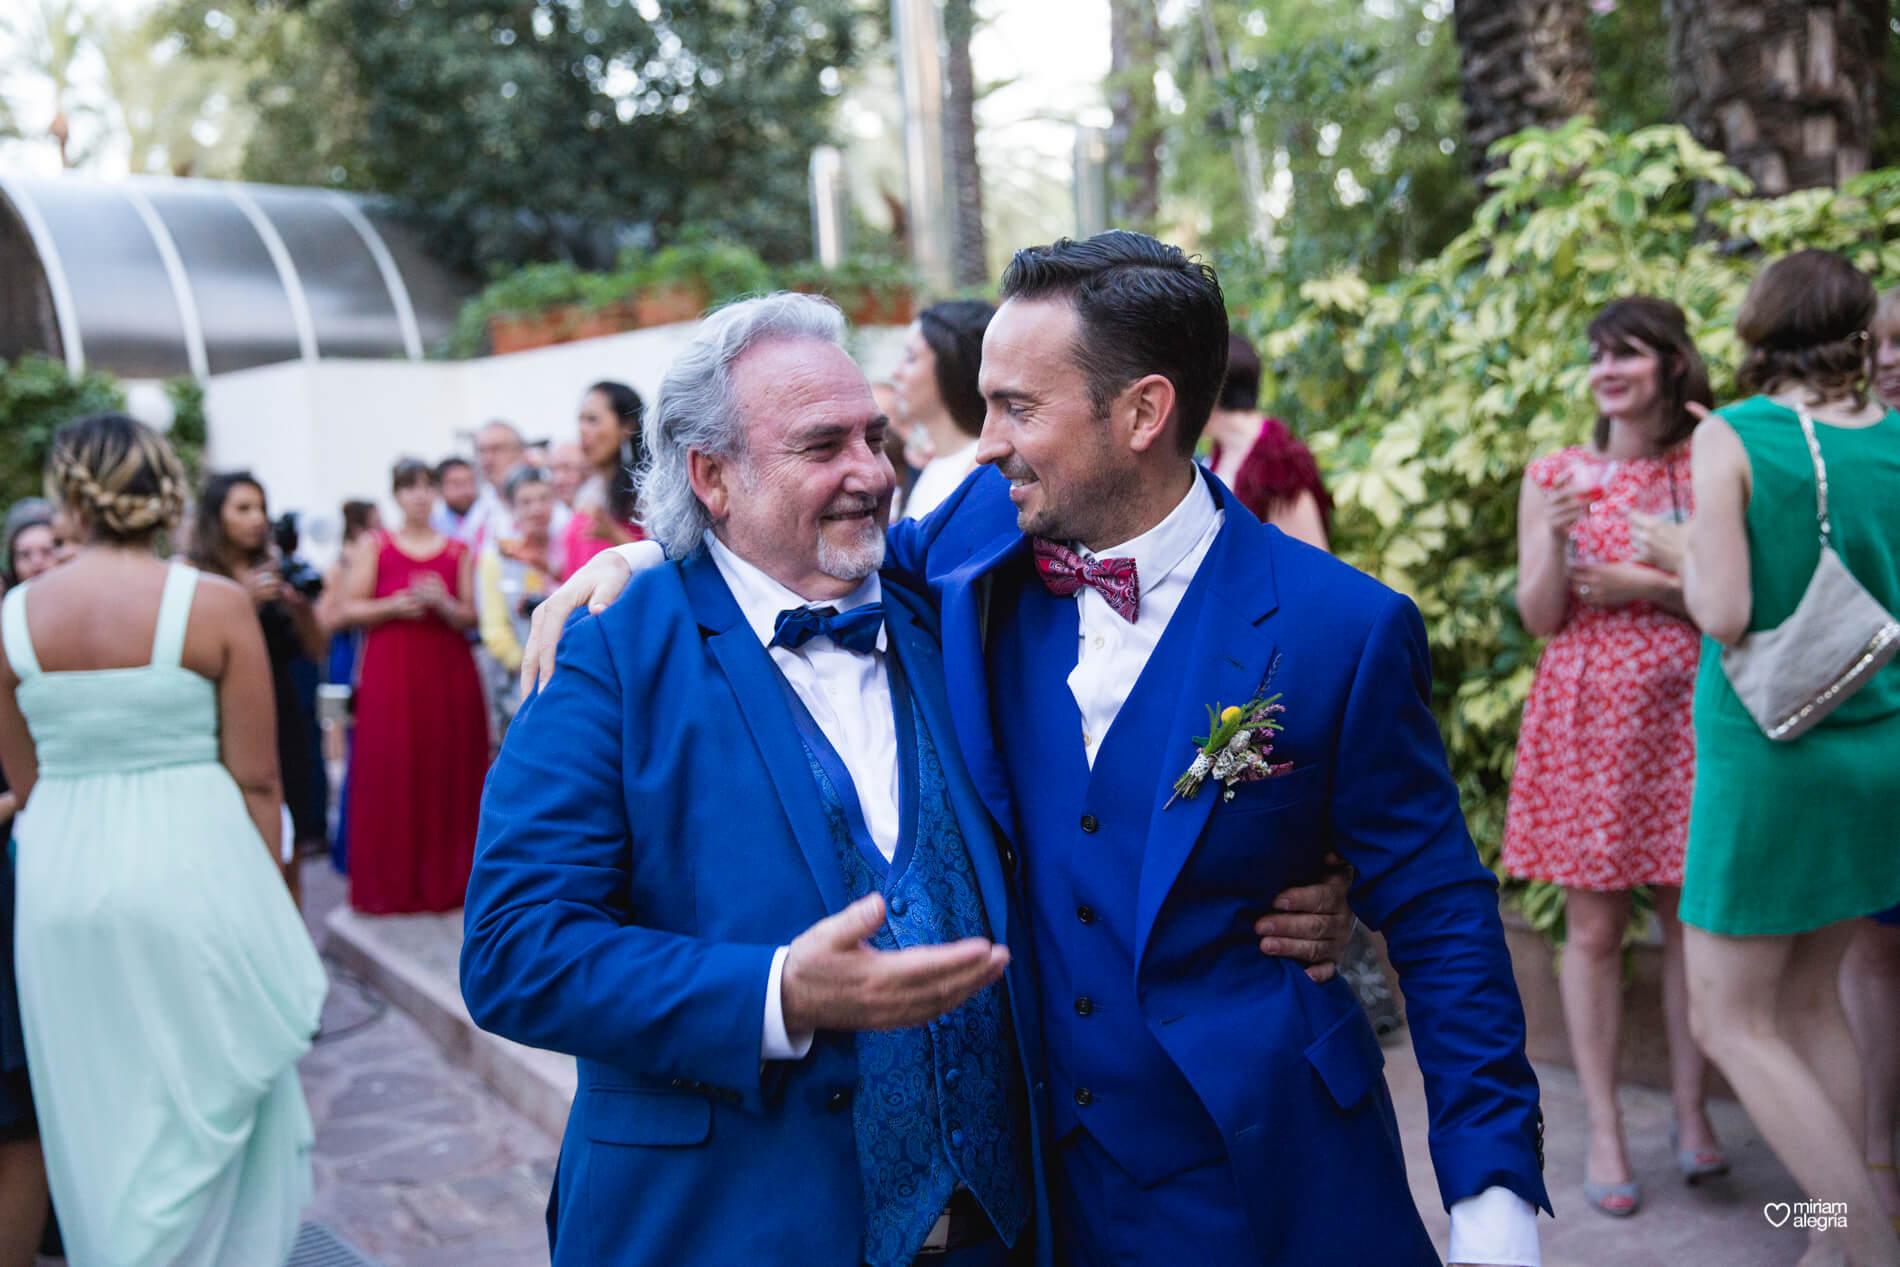 wedding-huerto-del-cura-elche-miriam-alegria-fotografos-boda-63